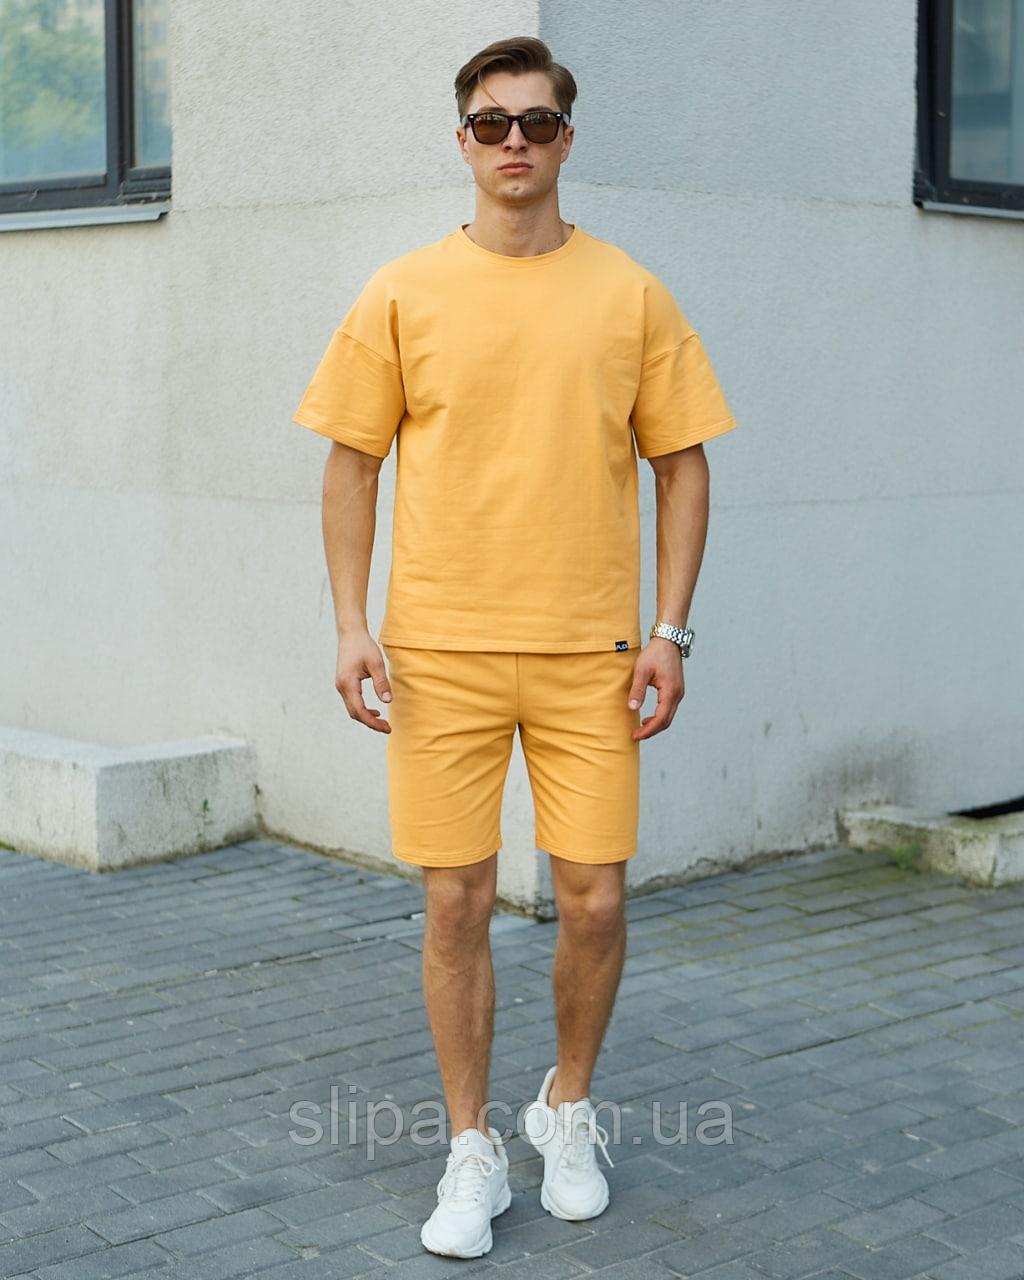 Летний комплект жёлтый оверсайз | двухнить | футболка + шорты